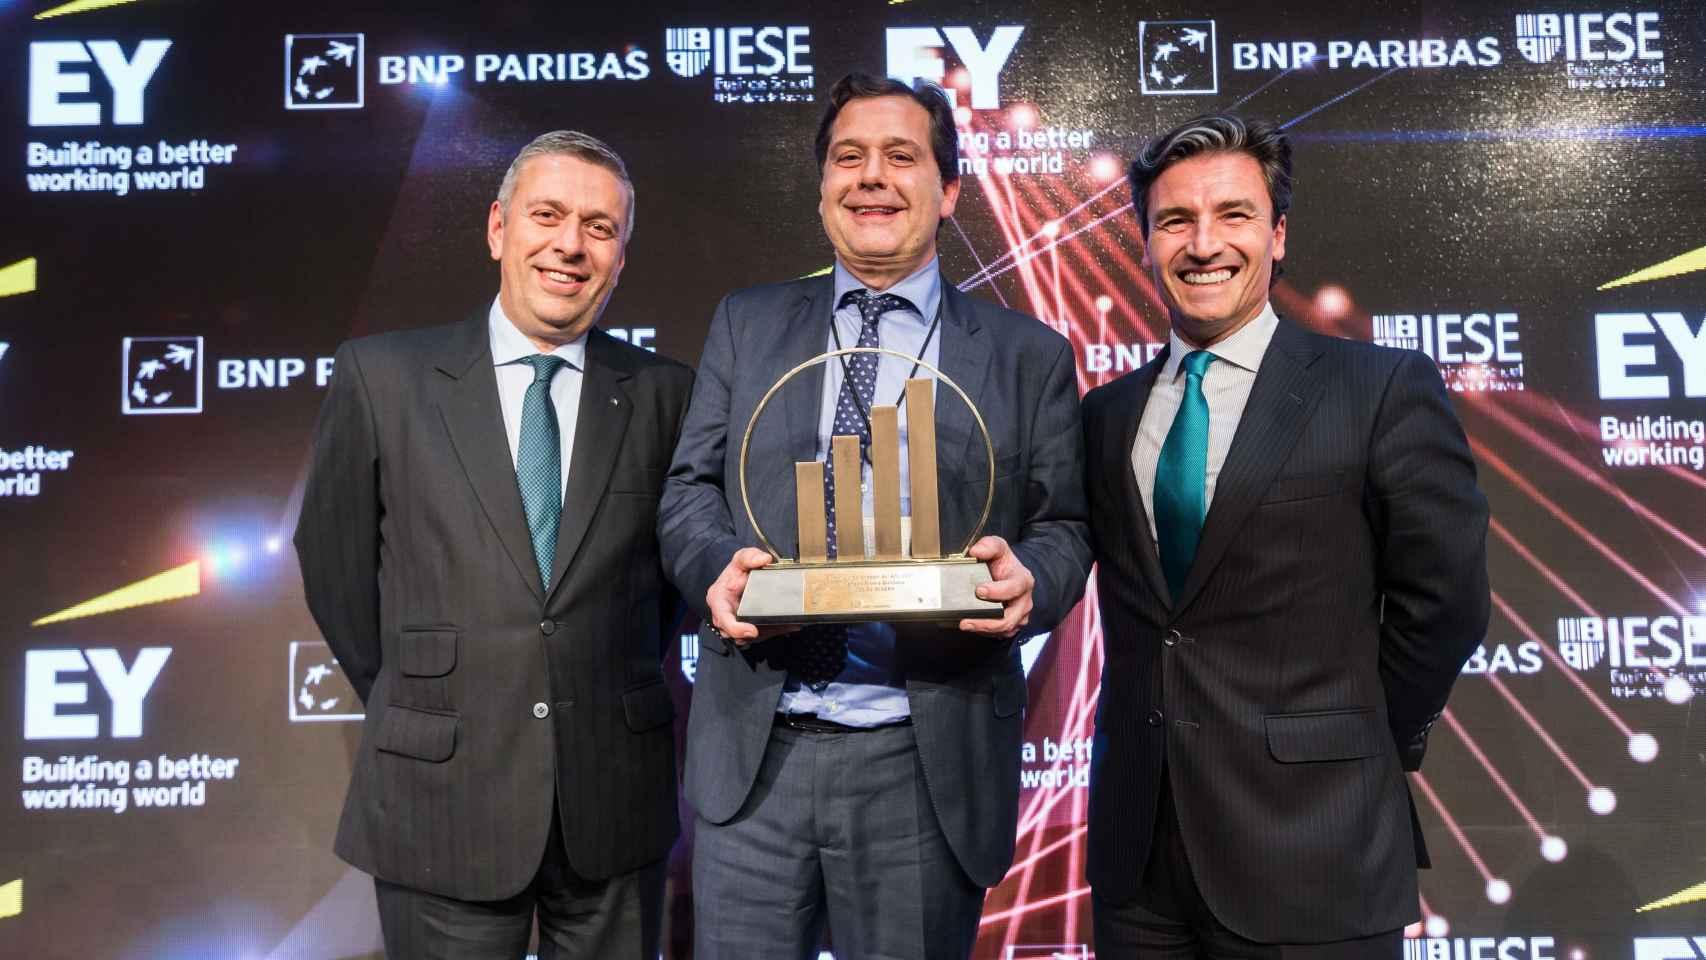 Ignacio Rivera, CEO de Hijos de Rivera, premiado como Emprendedor del año en EY